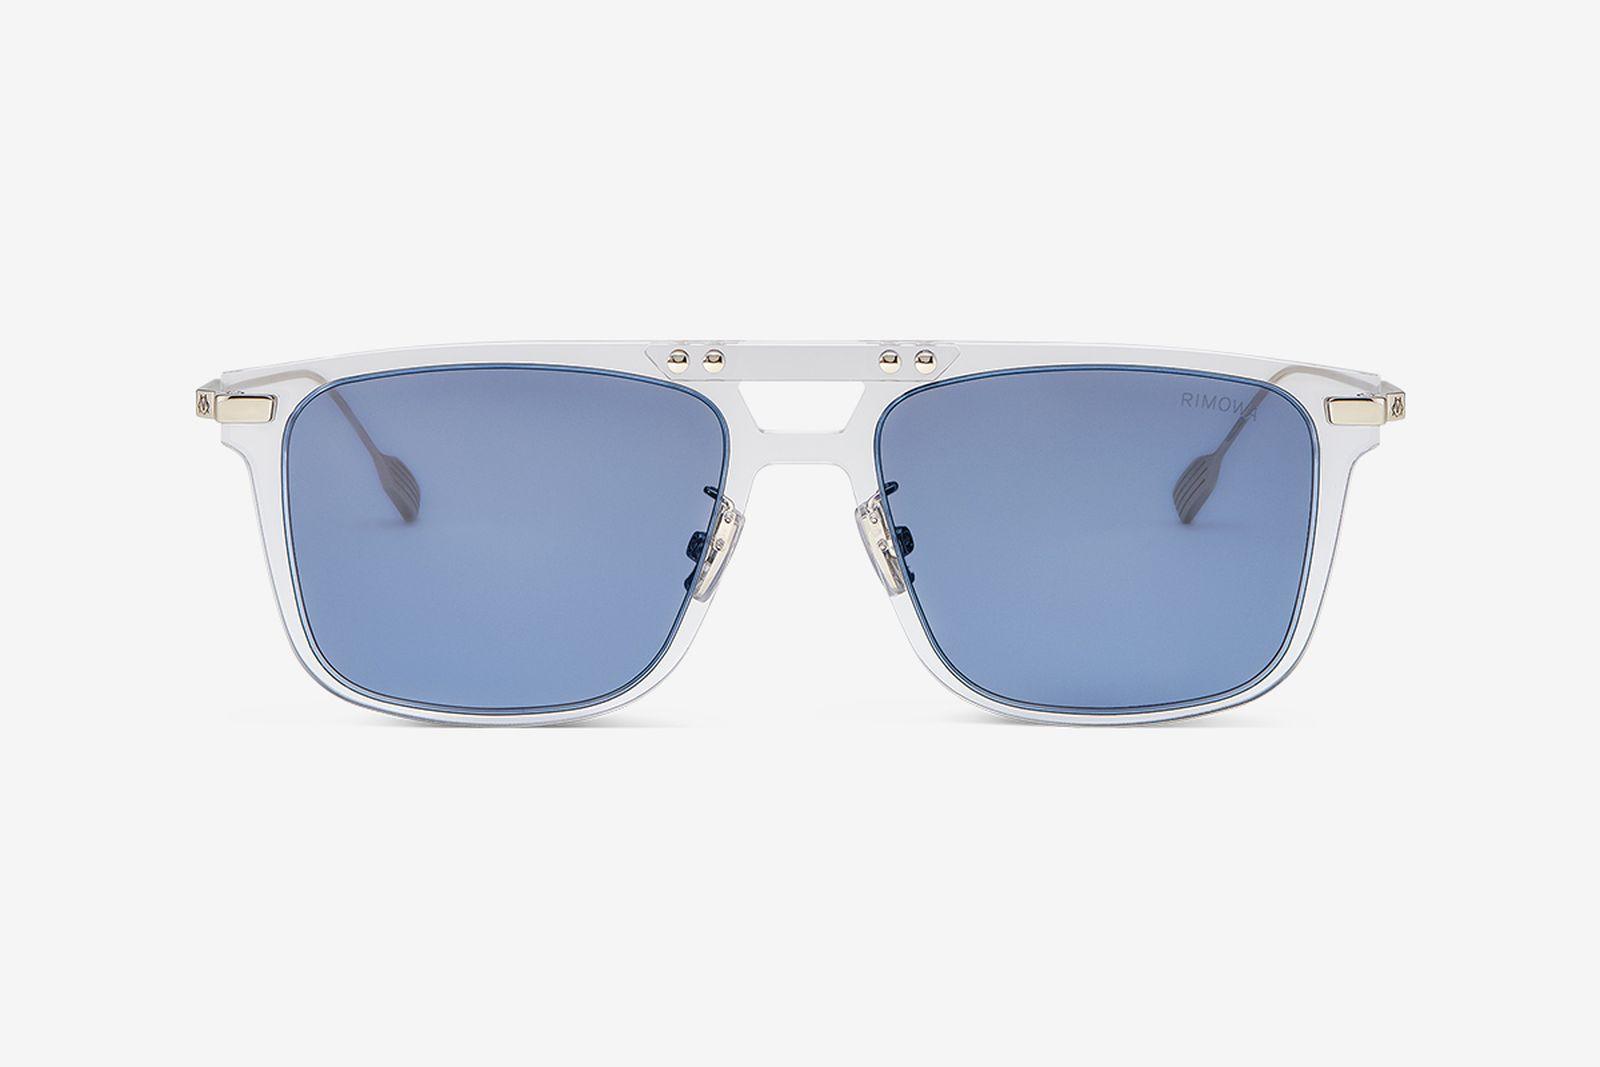 rimowa-eyewear-22